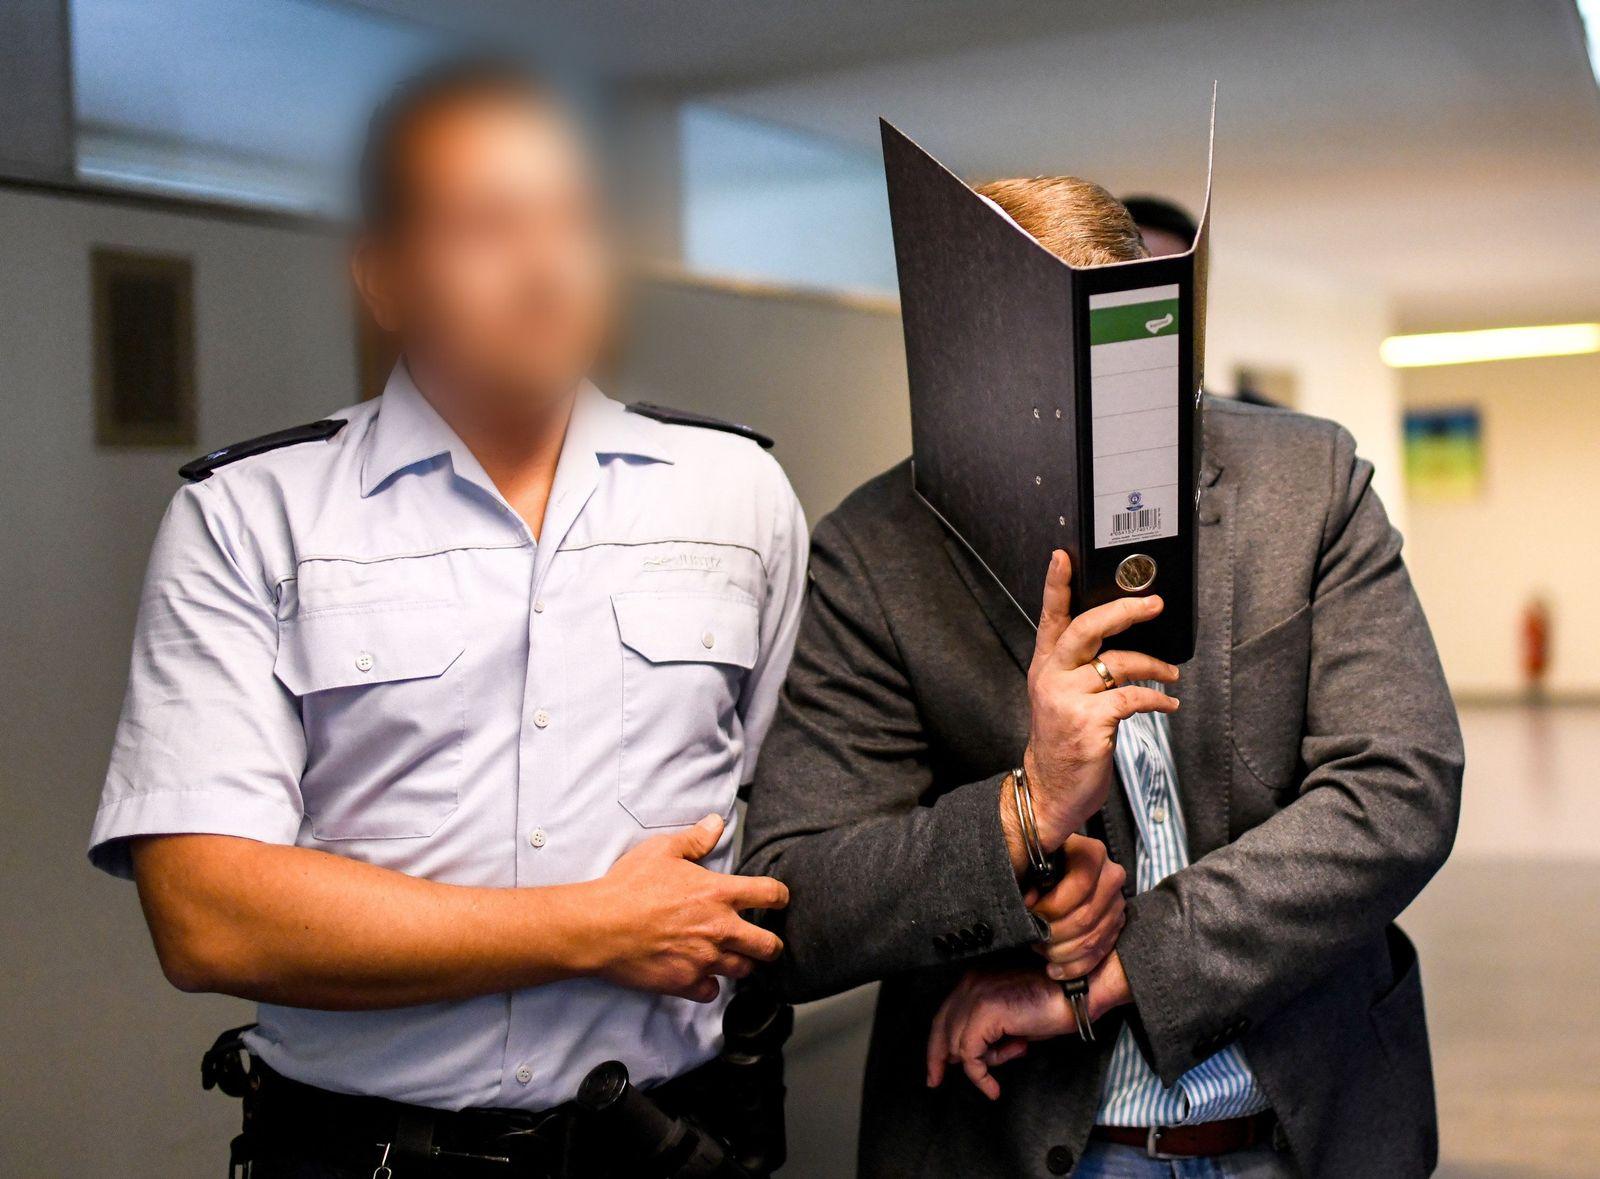 Missbrauchsfall Freiburg - Prozess gegen Soldaten